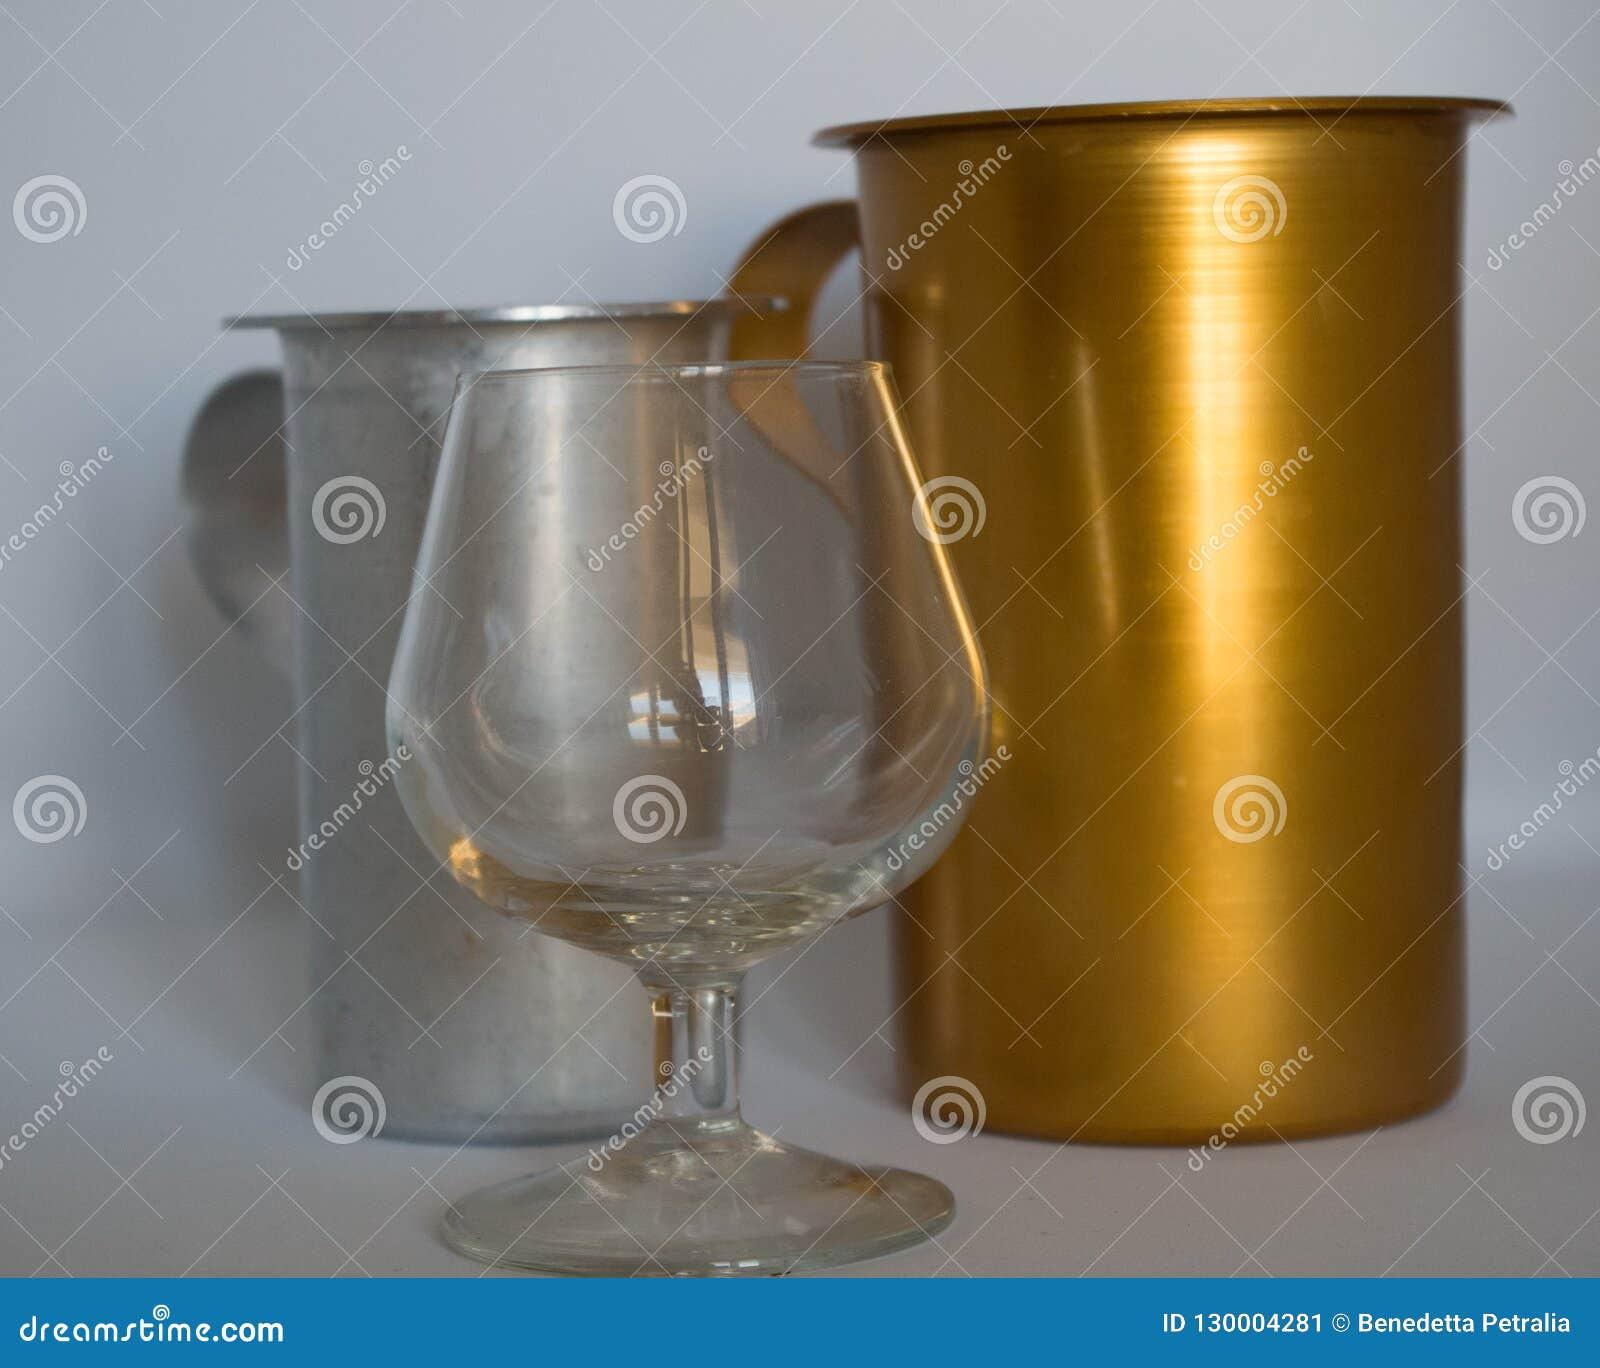 Золотой и серебристый кувшин со стеклом коньяка пустым на белой предпосылке